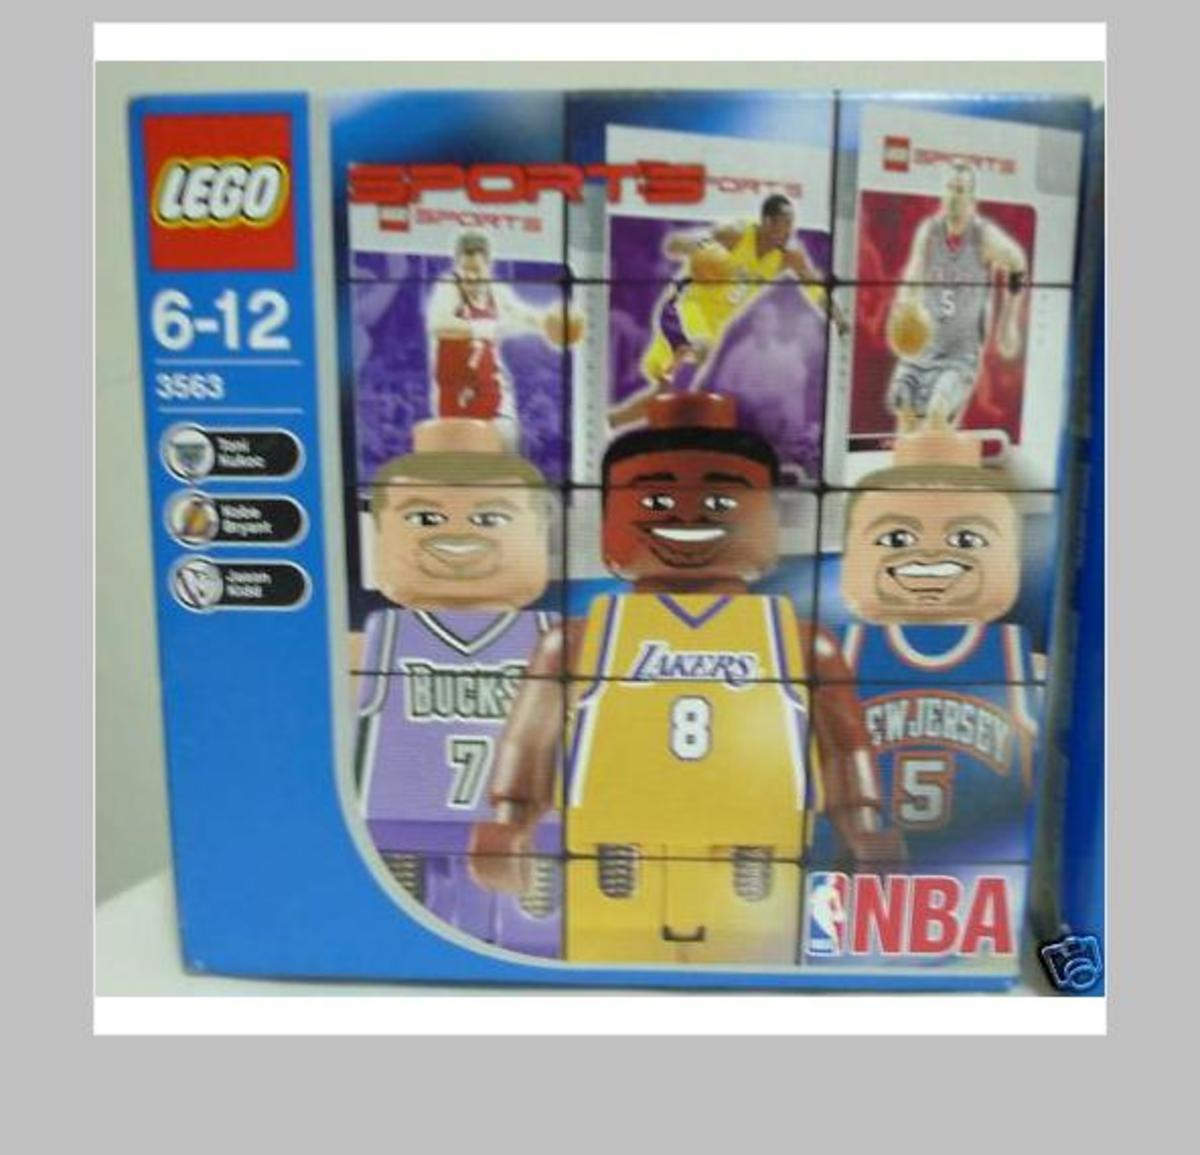 Lego NBA Collectors Set #4 in its box